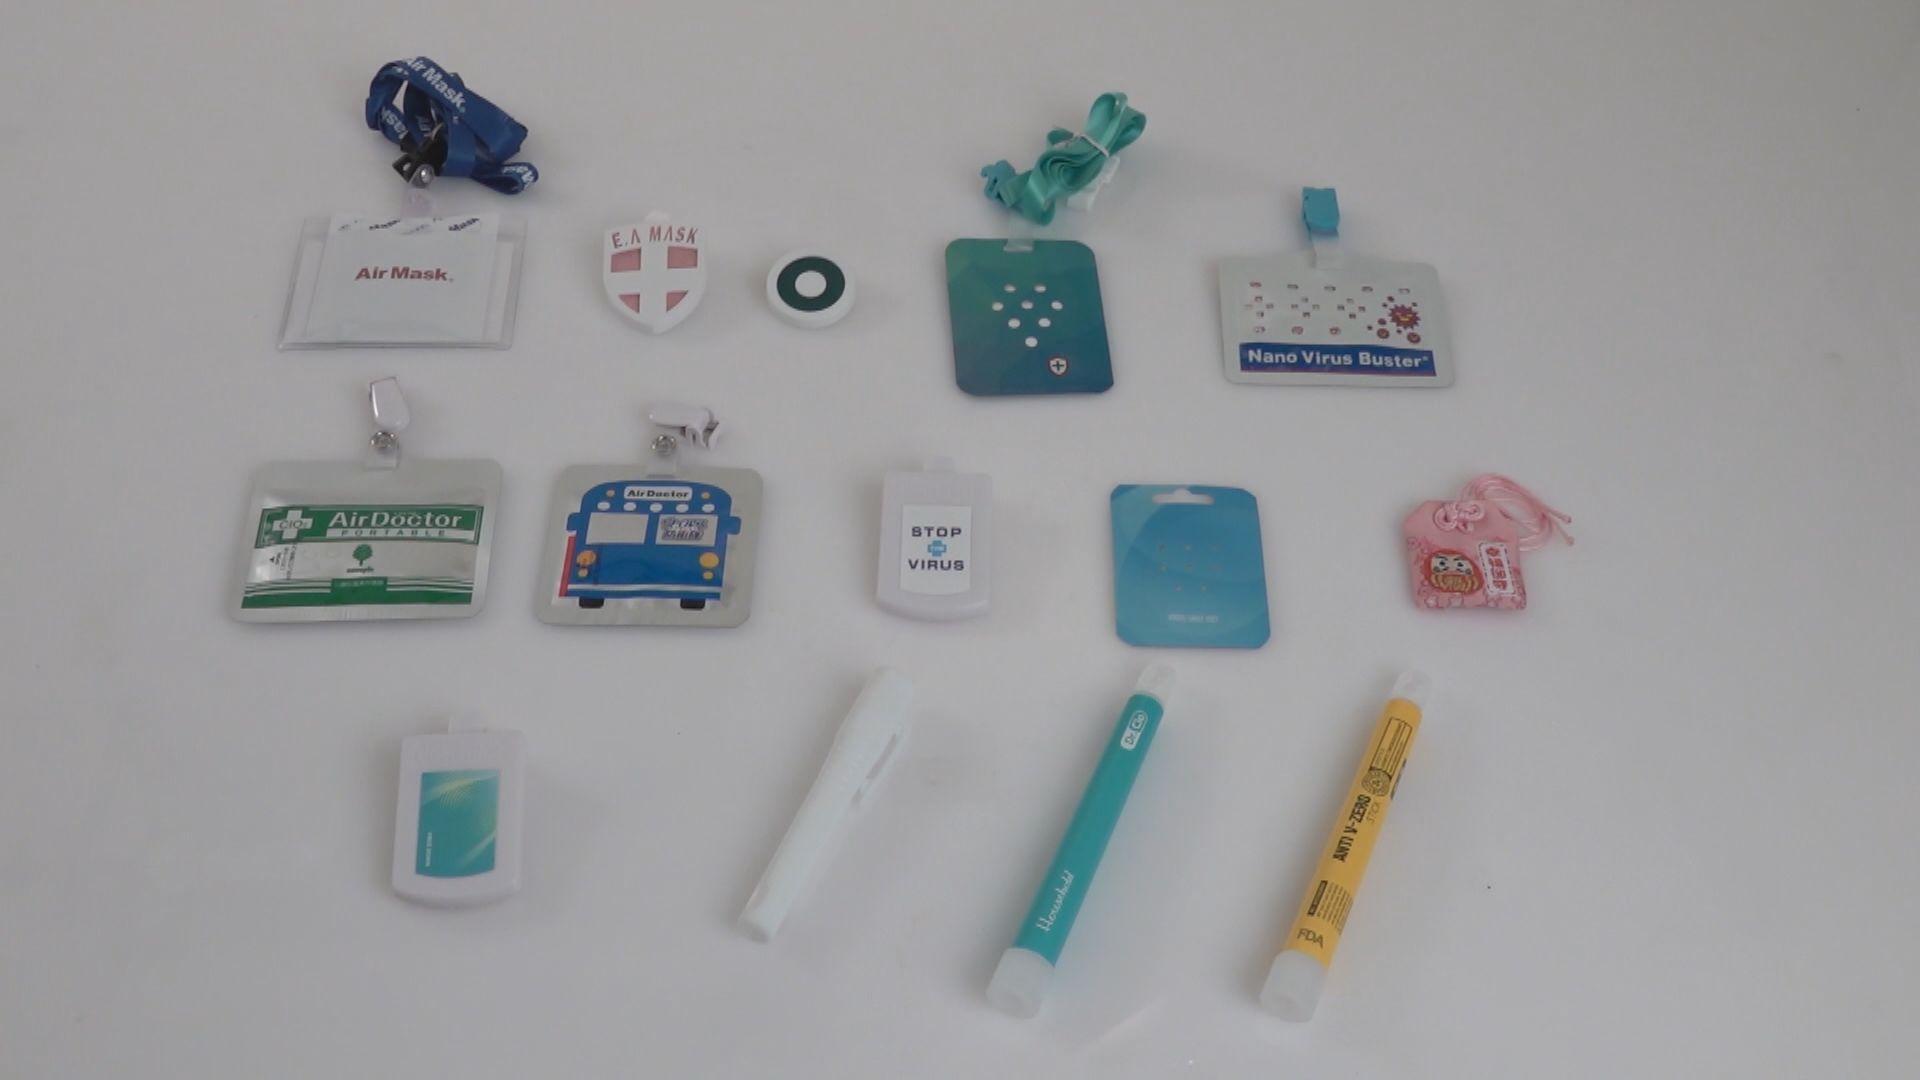 消委會測試除菌掛卡掛章 部分只適用於特定環境